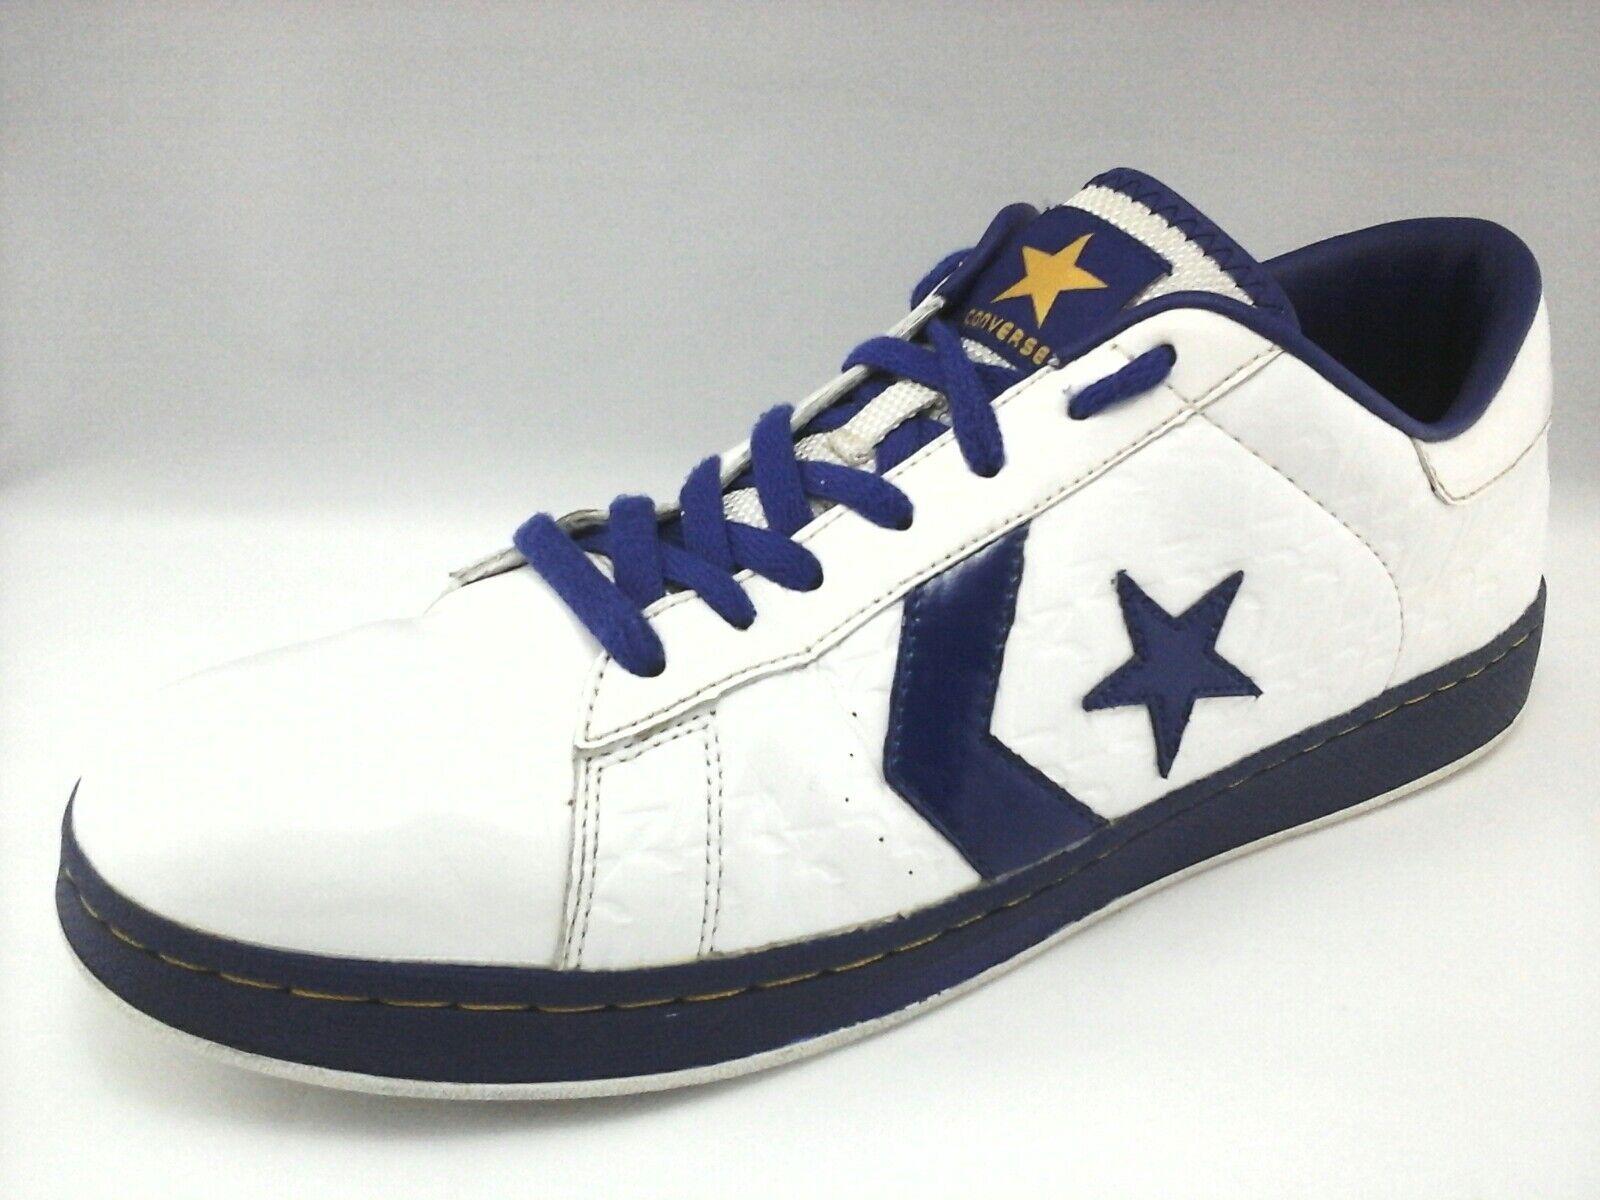 Converse Dwyane Wade blanc bleu NBA Chaussures Sneaker hommes 13 femmes 14.5 Ultra Rare